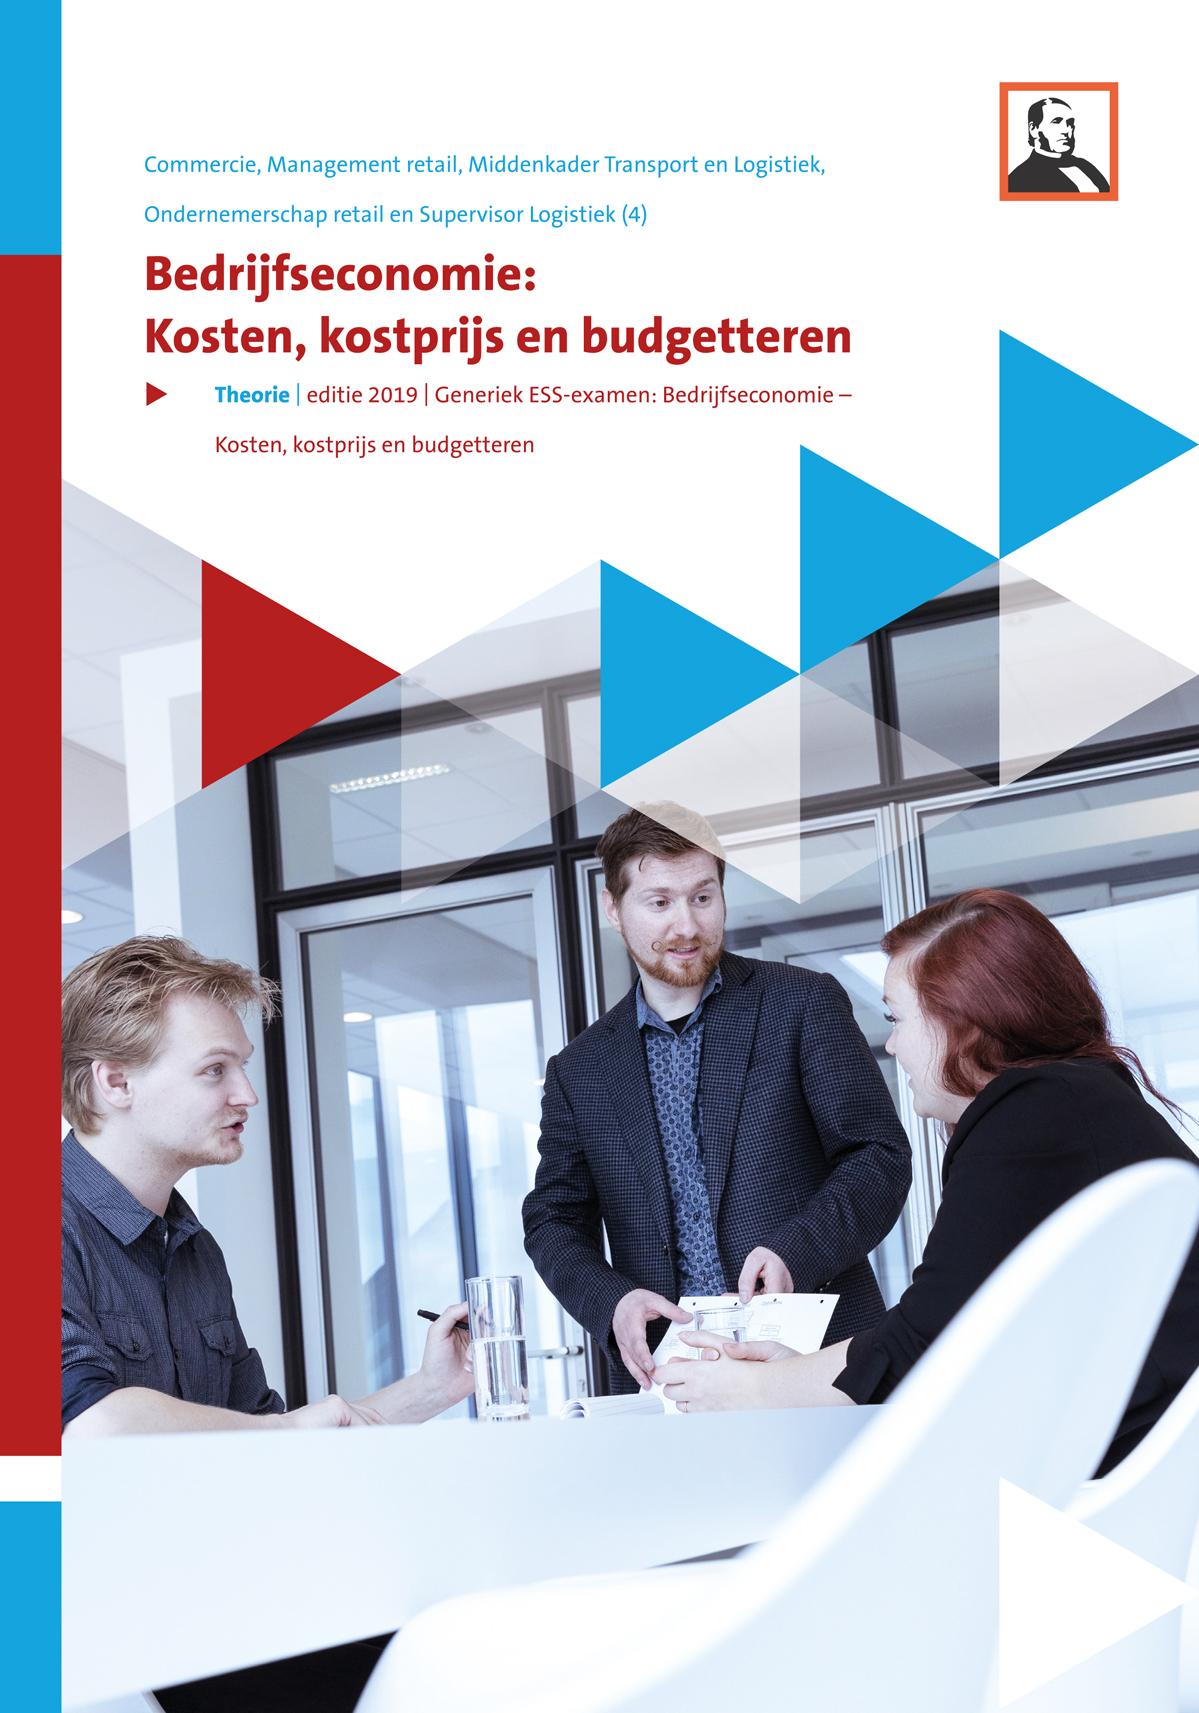 Afbeelding van Bedrijfseconomie: Kosten, kostprijs en budget (niveau 4) (A4)